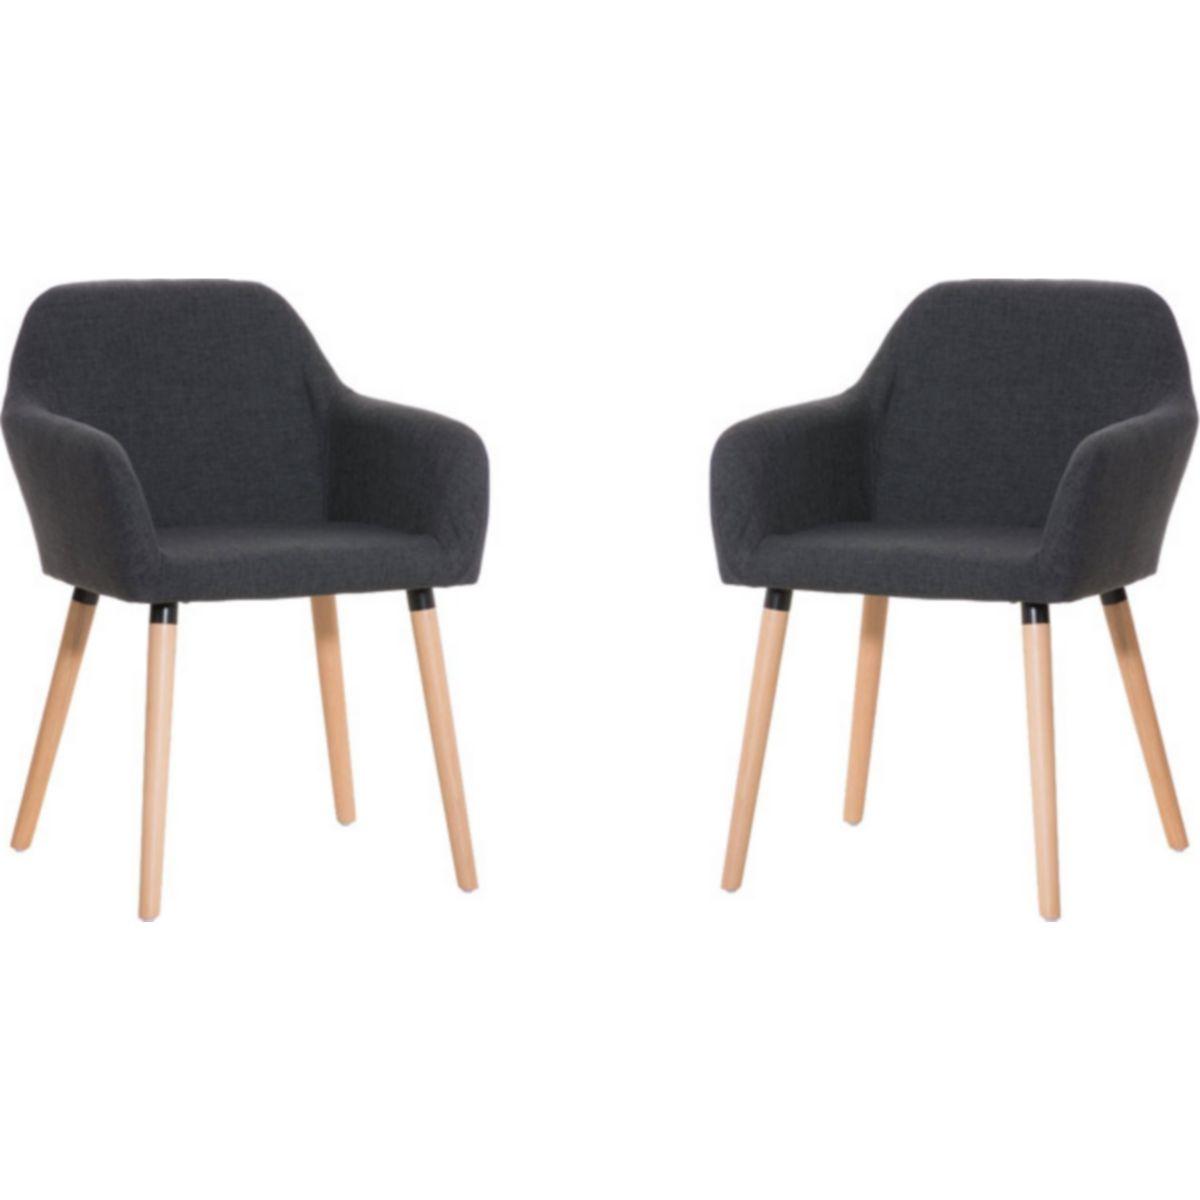 CLP 2x Besucherstuhl ACHAT Sitzfläche gut gepolstert, Stoff-Bezug, Holzgestell jetztbilligerkaufen